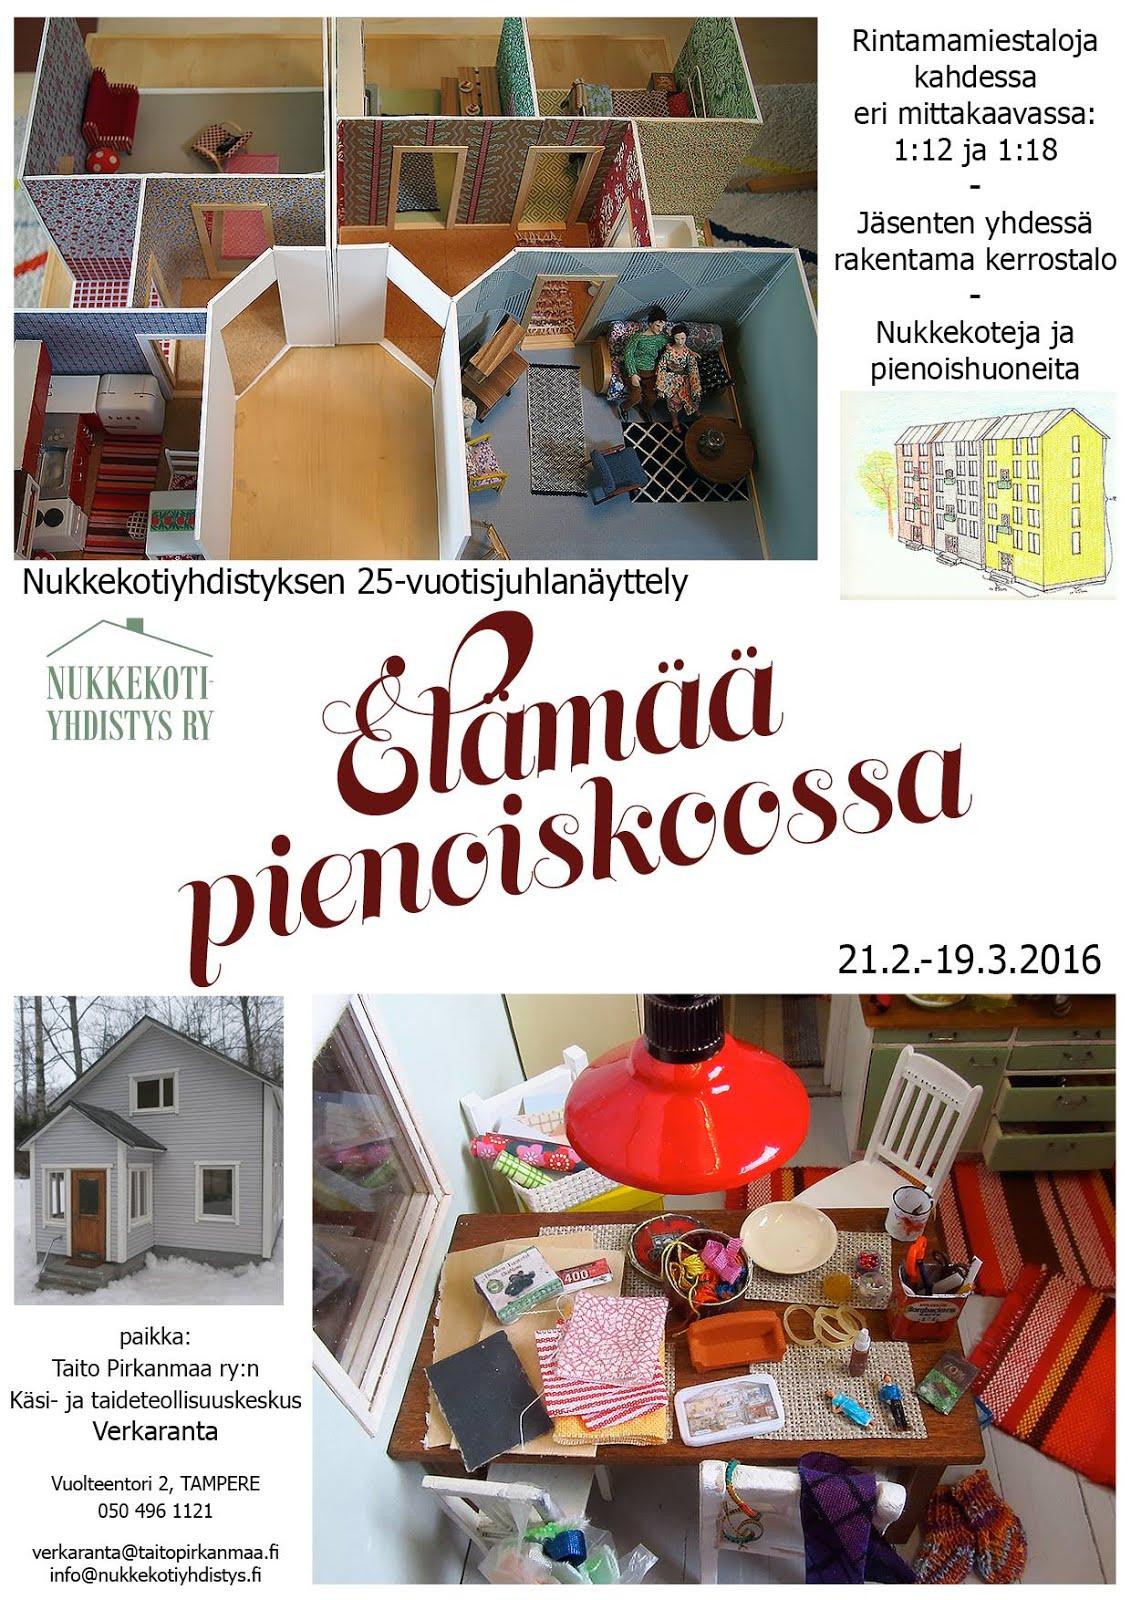 Näyttely 21.2.-19.3.2016 Tampereella